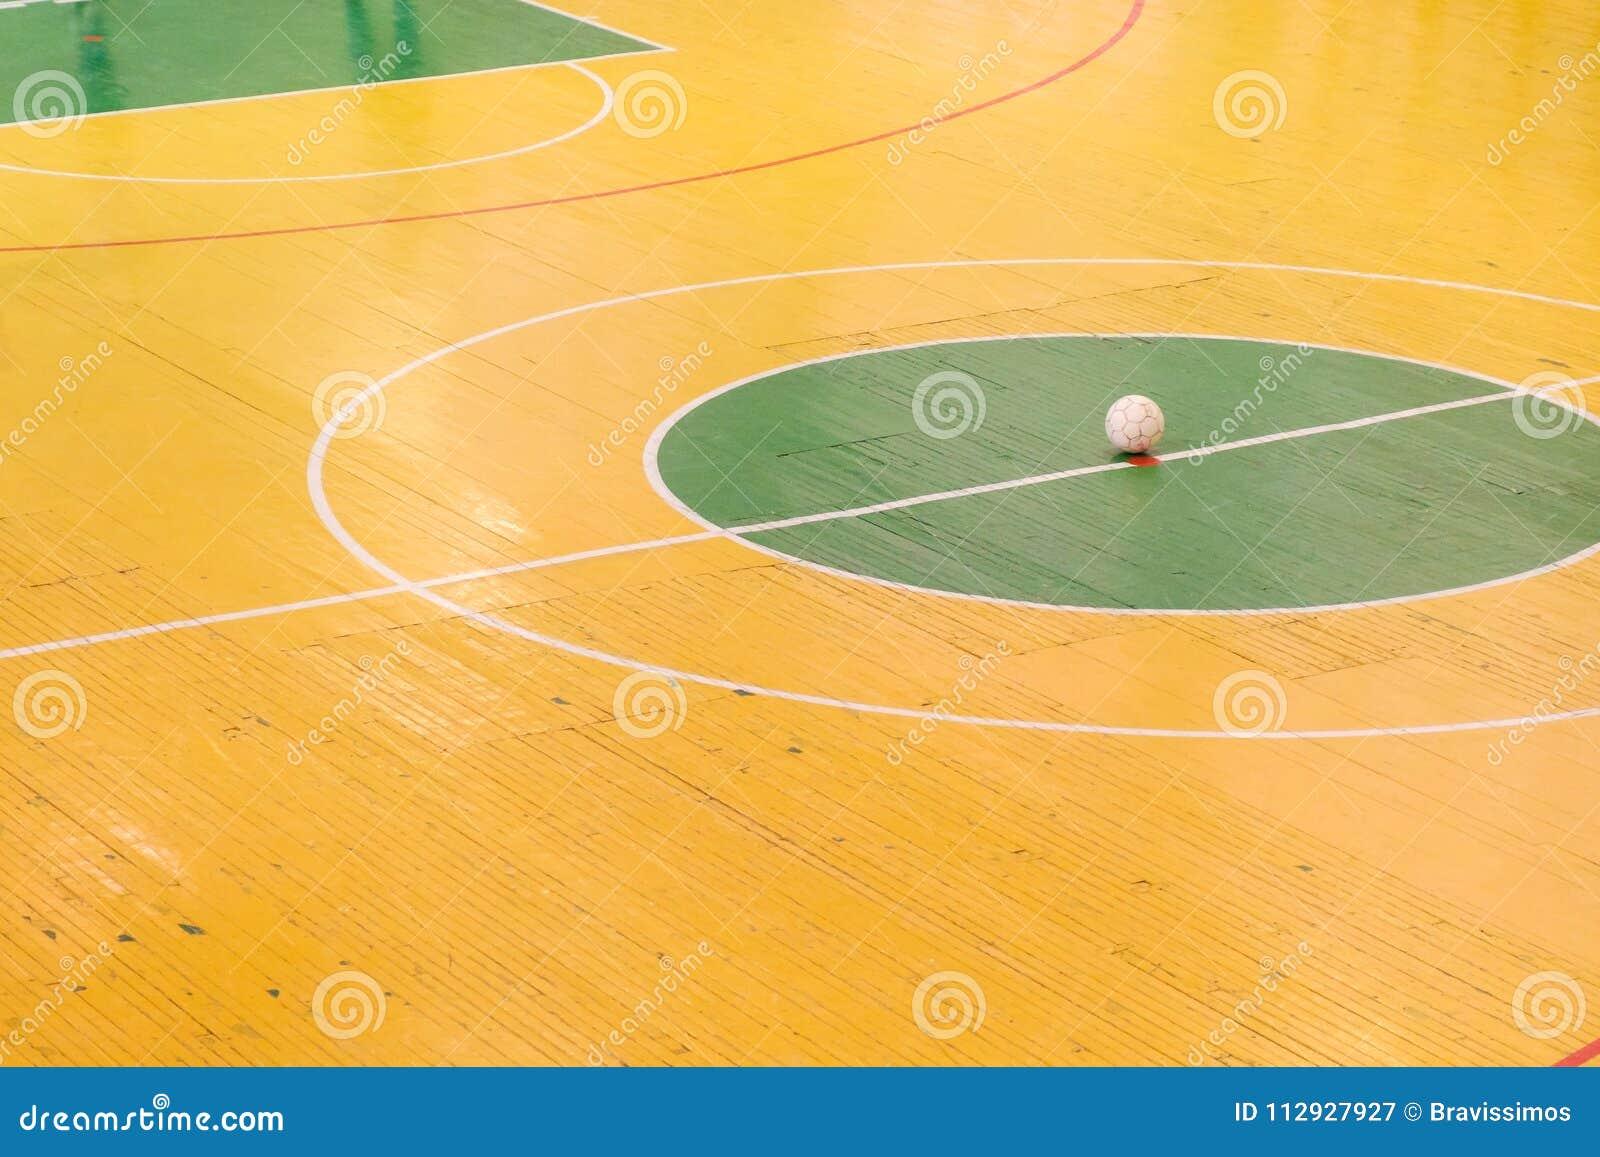 Futebol interno ou estádio futsal com uma margem de benefício brilhante do  campo de ação e da bola no centro Campo de jogos do futebol Vista superior 2000195e37e59